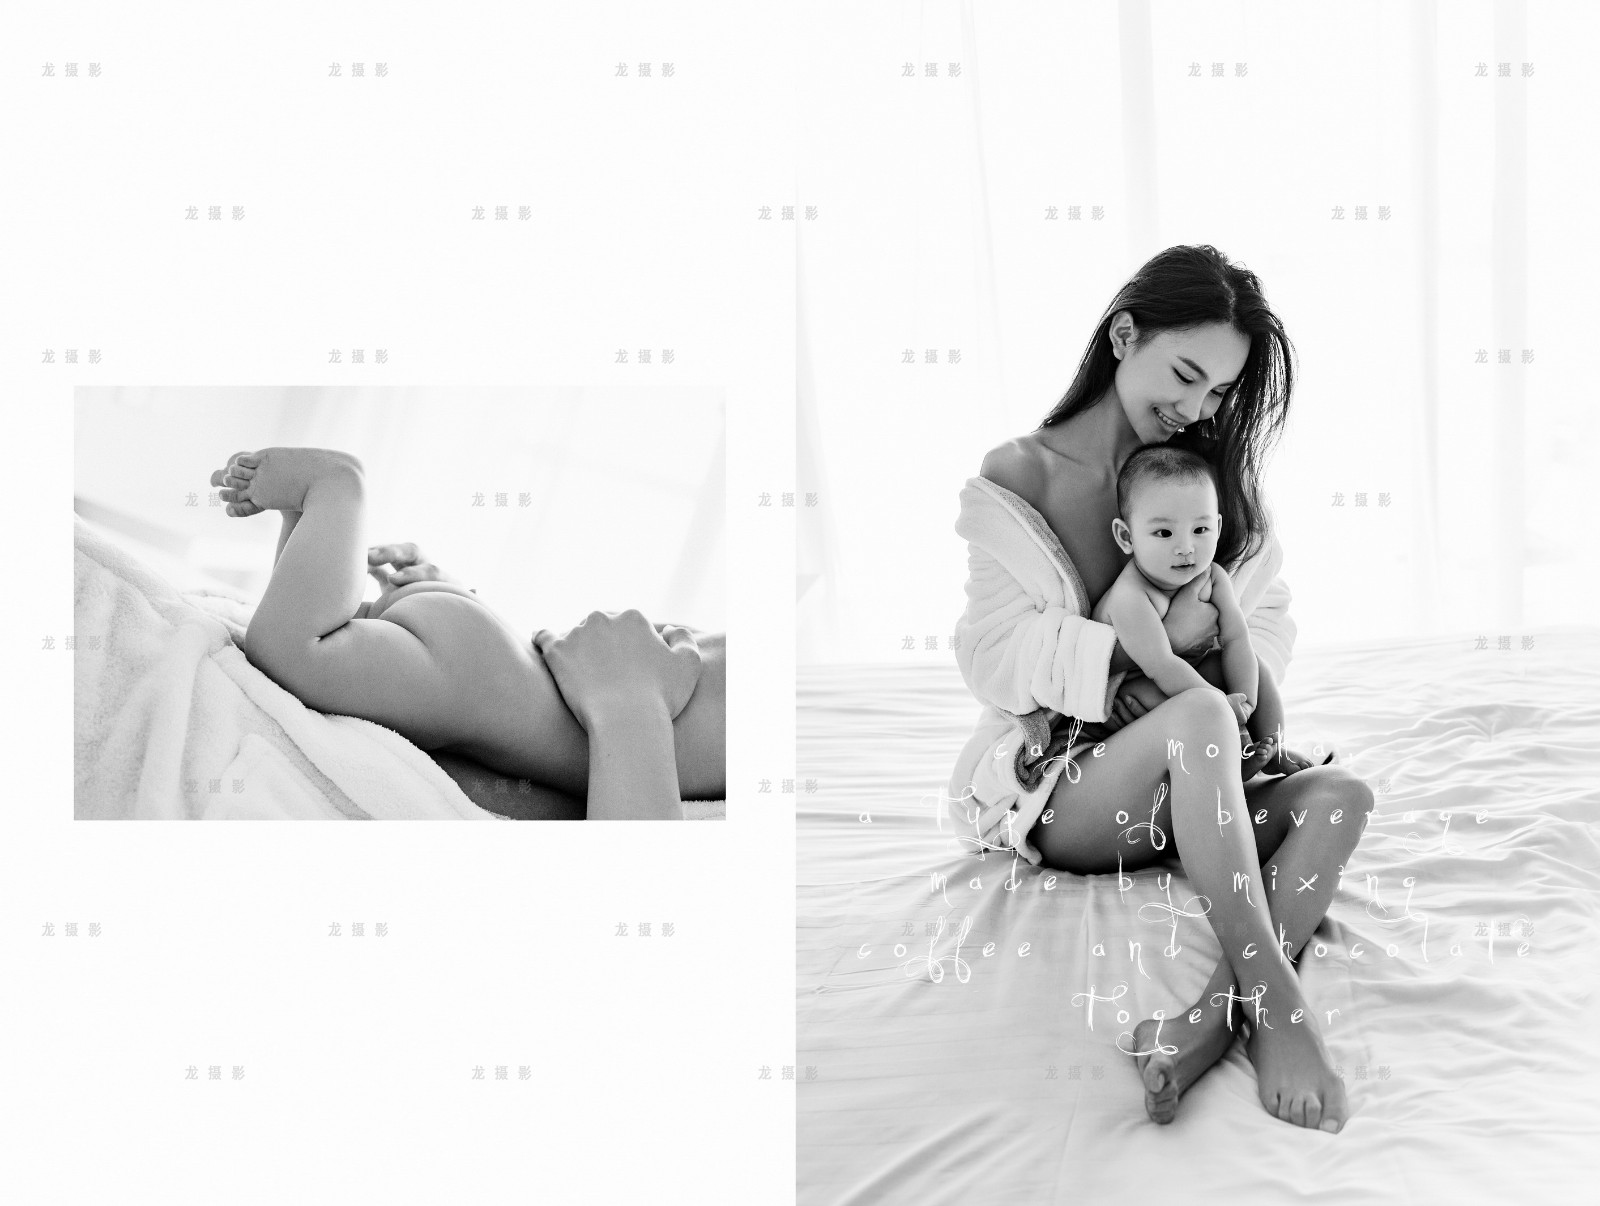 初语选|极简-朝阳尊爵龙摄影有限公司